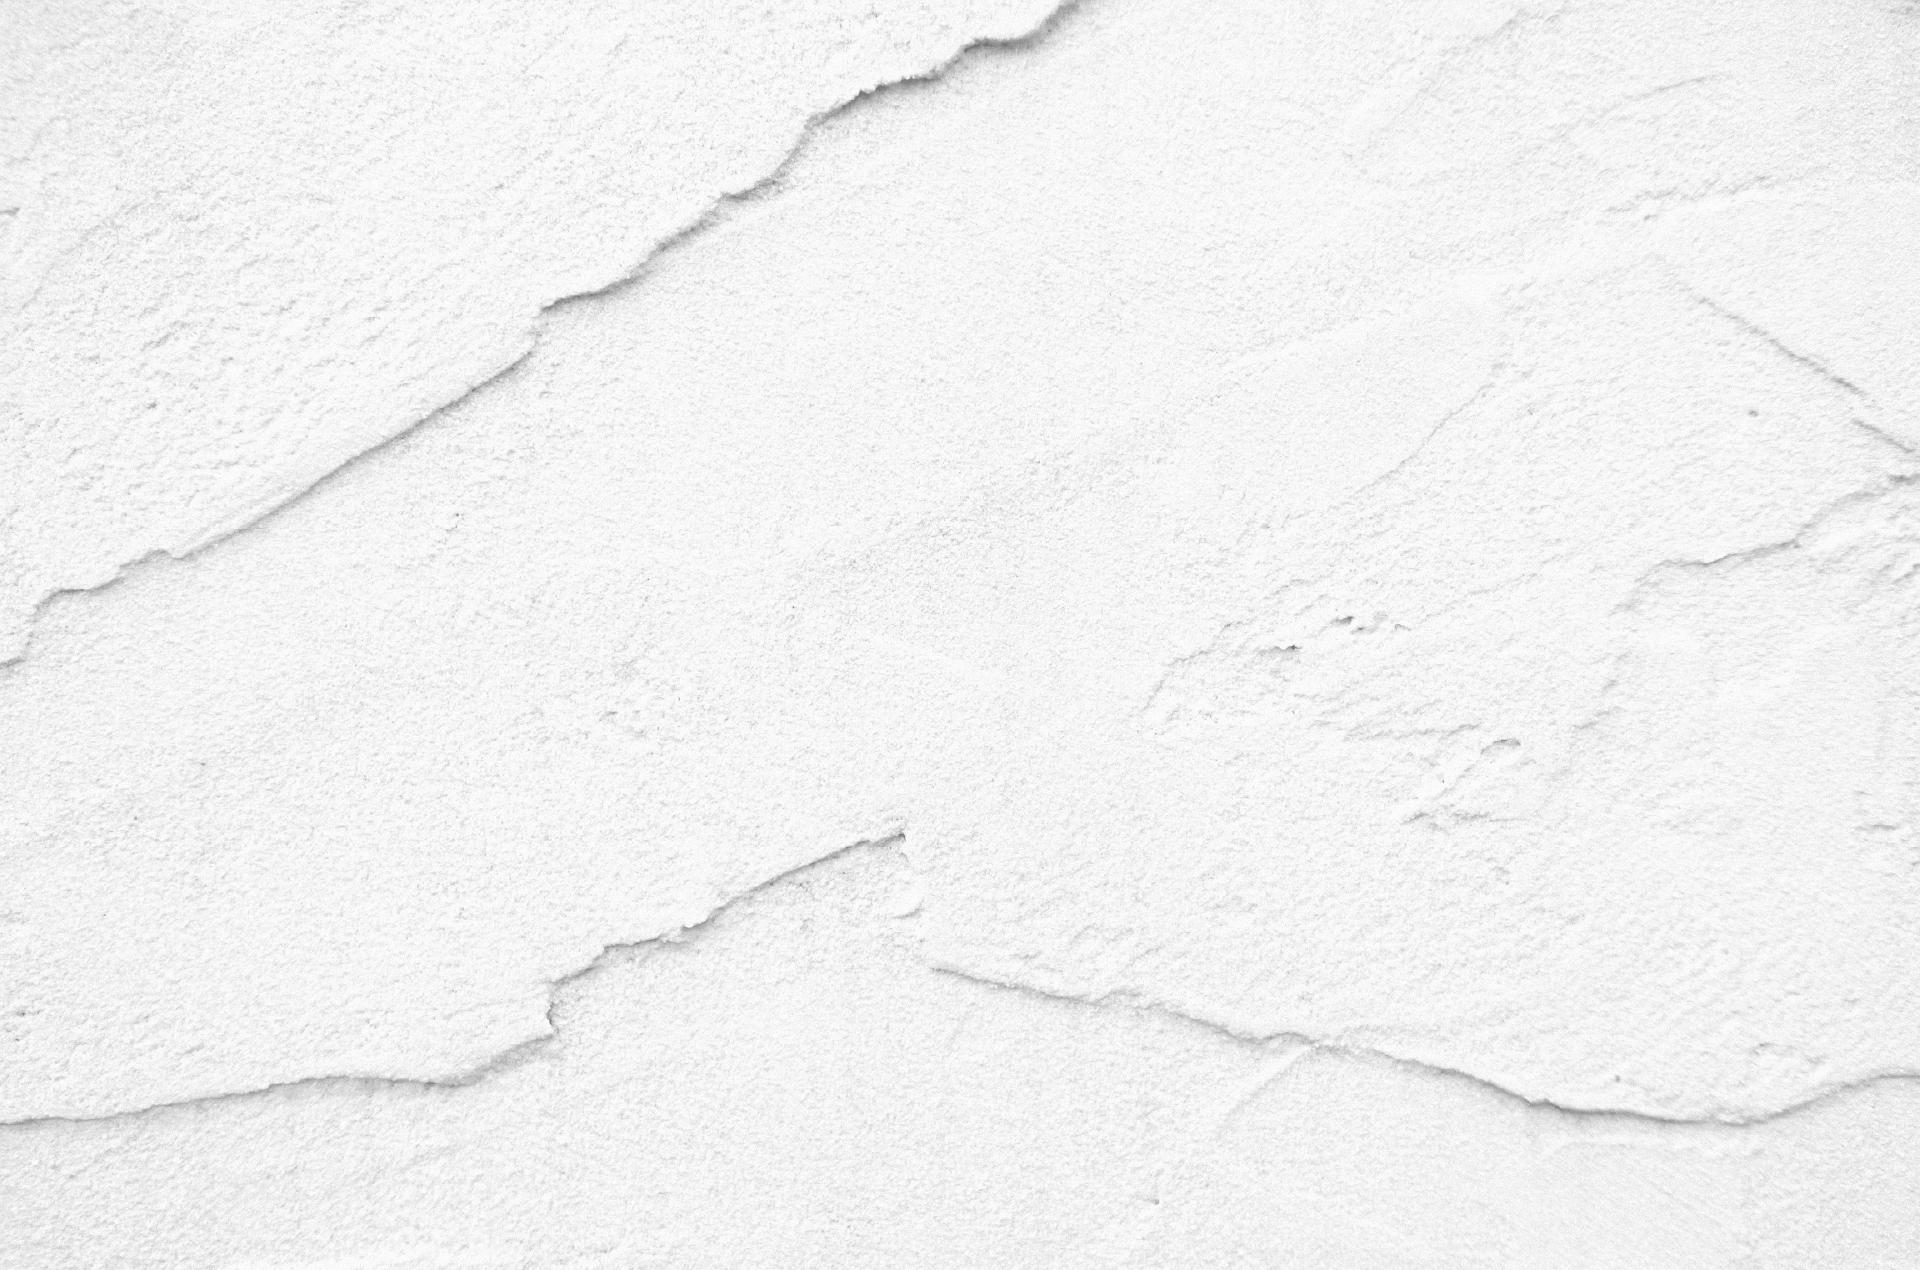 消臭効果を持つ珪藻土を配合した壁紙を使用しています。